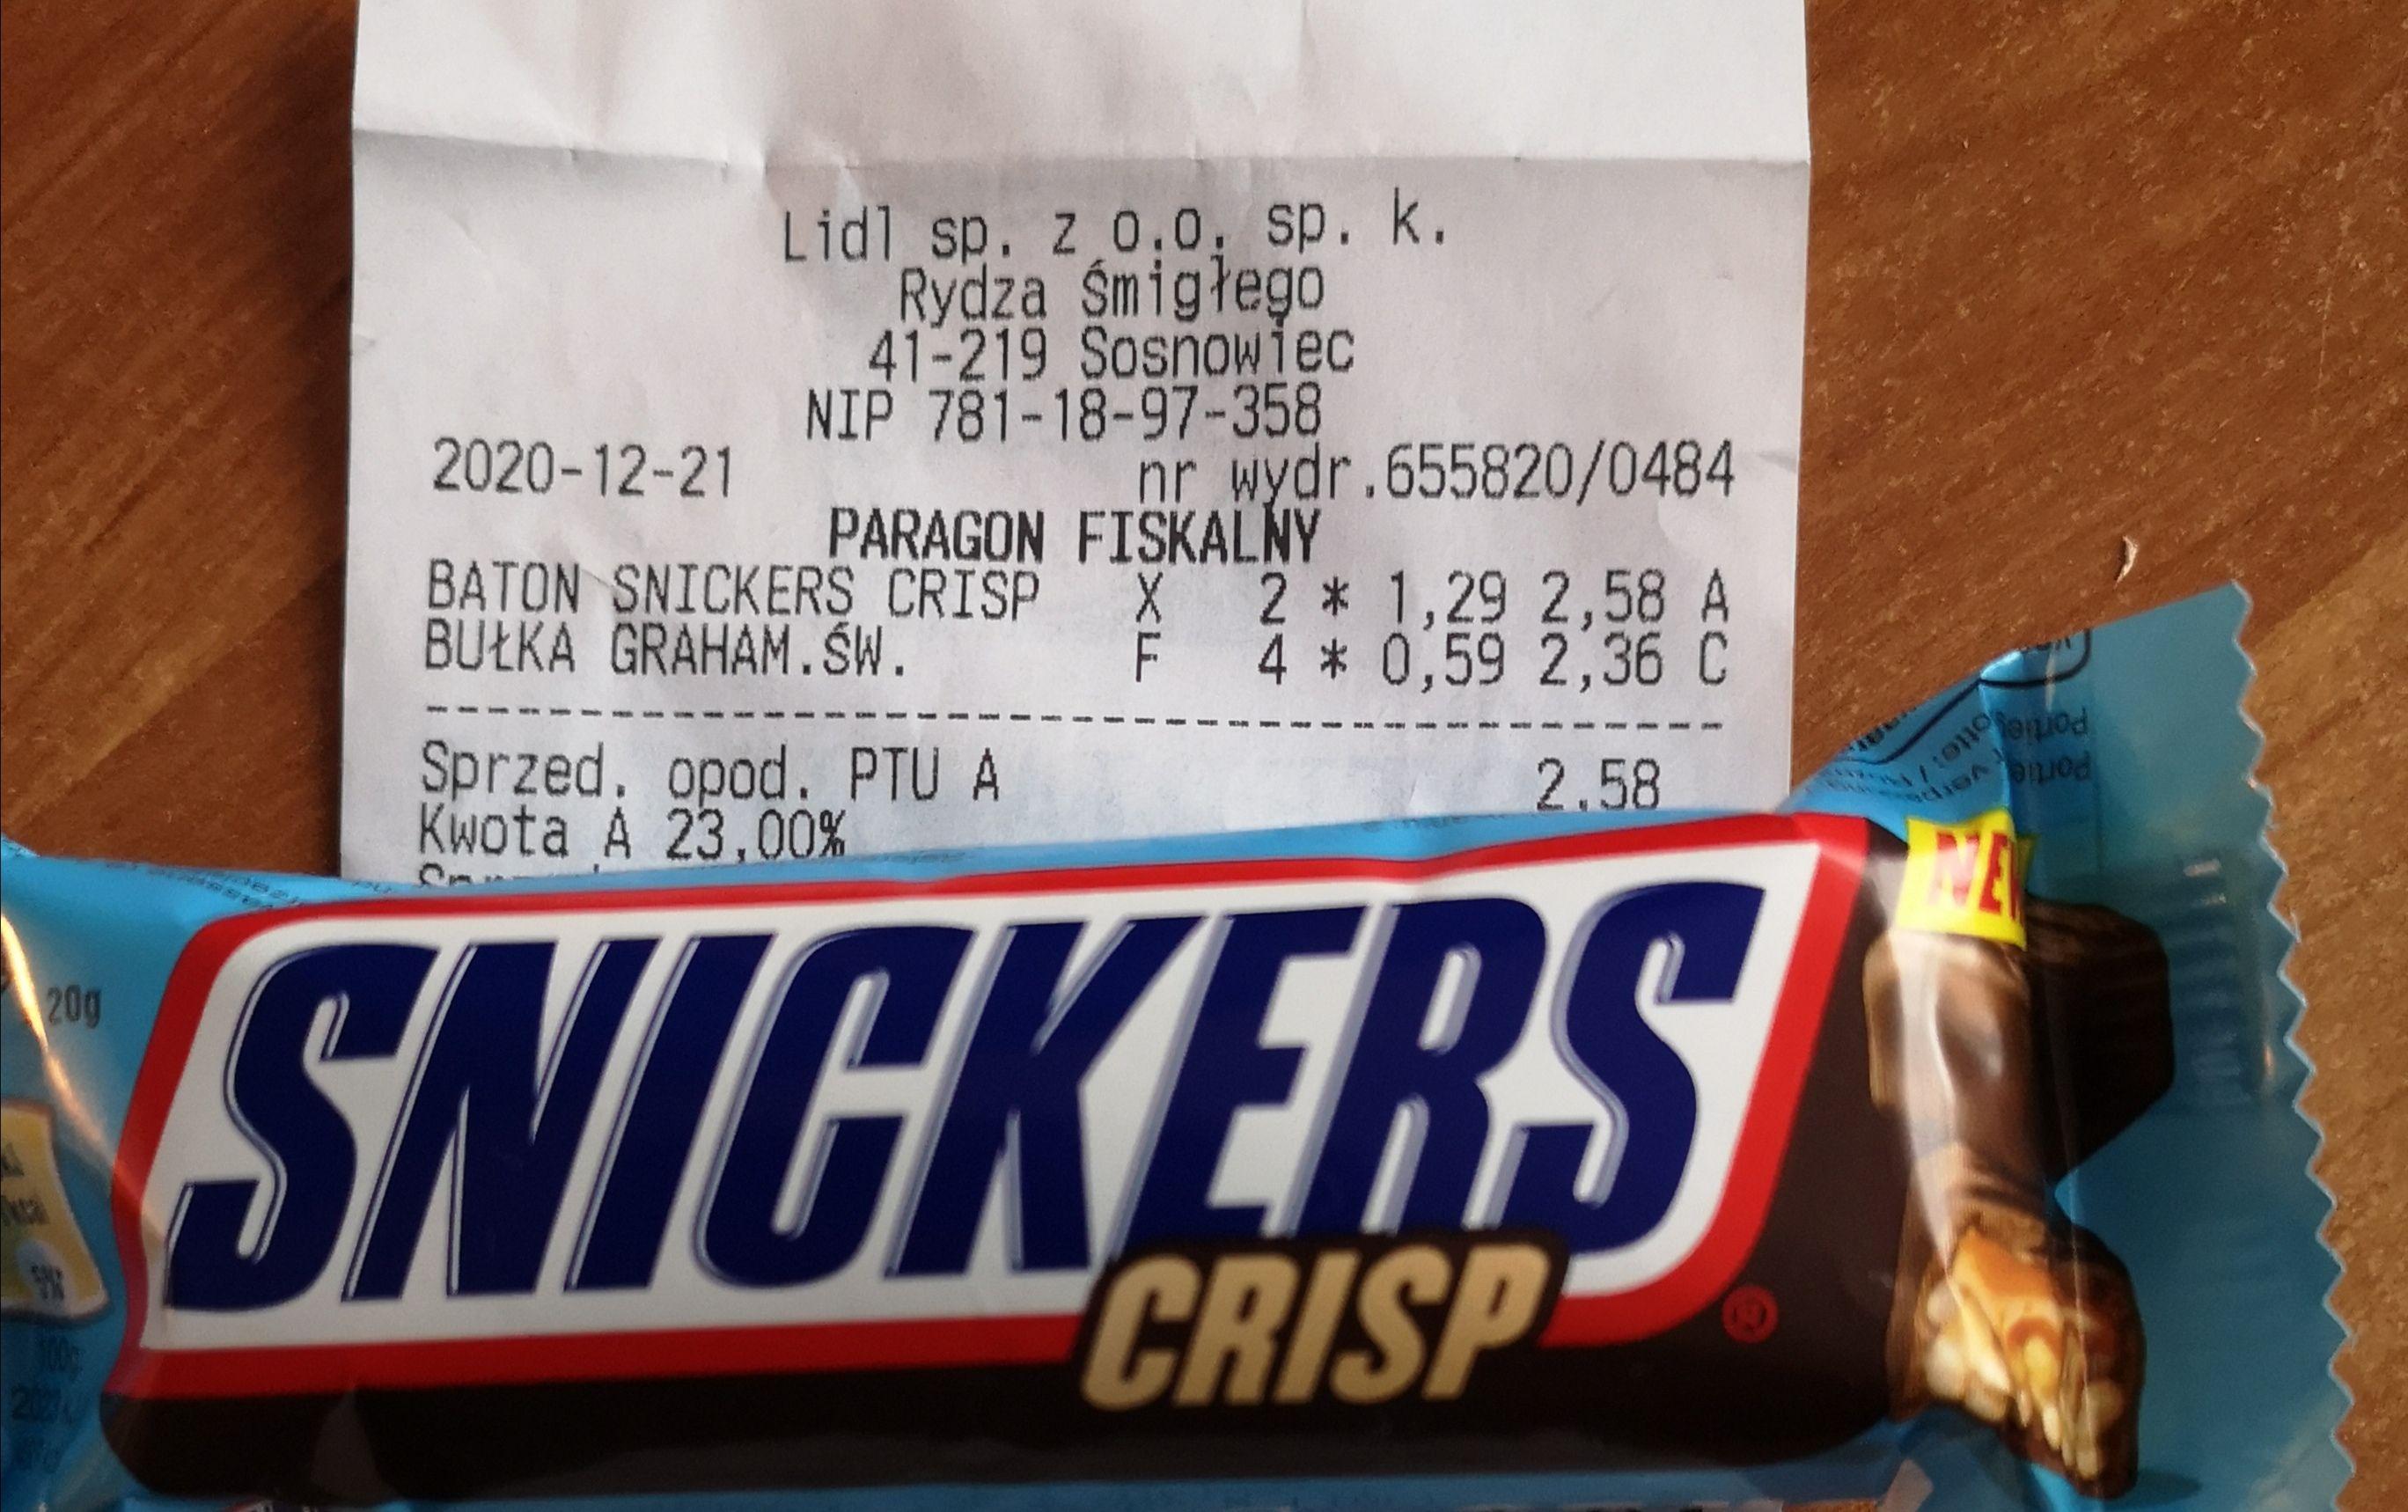 Snickers Crisp @Lidl